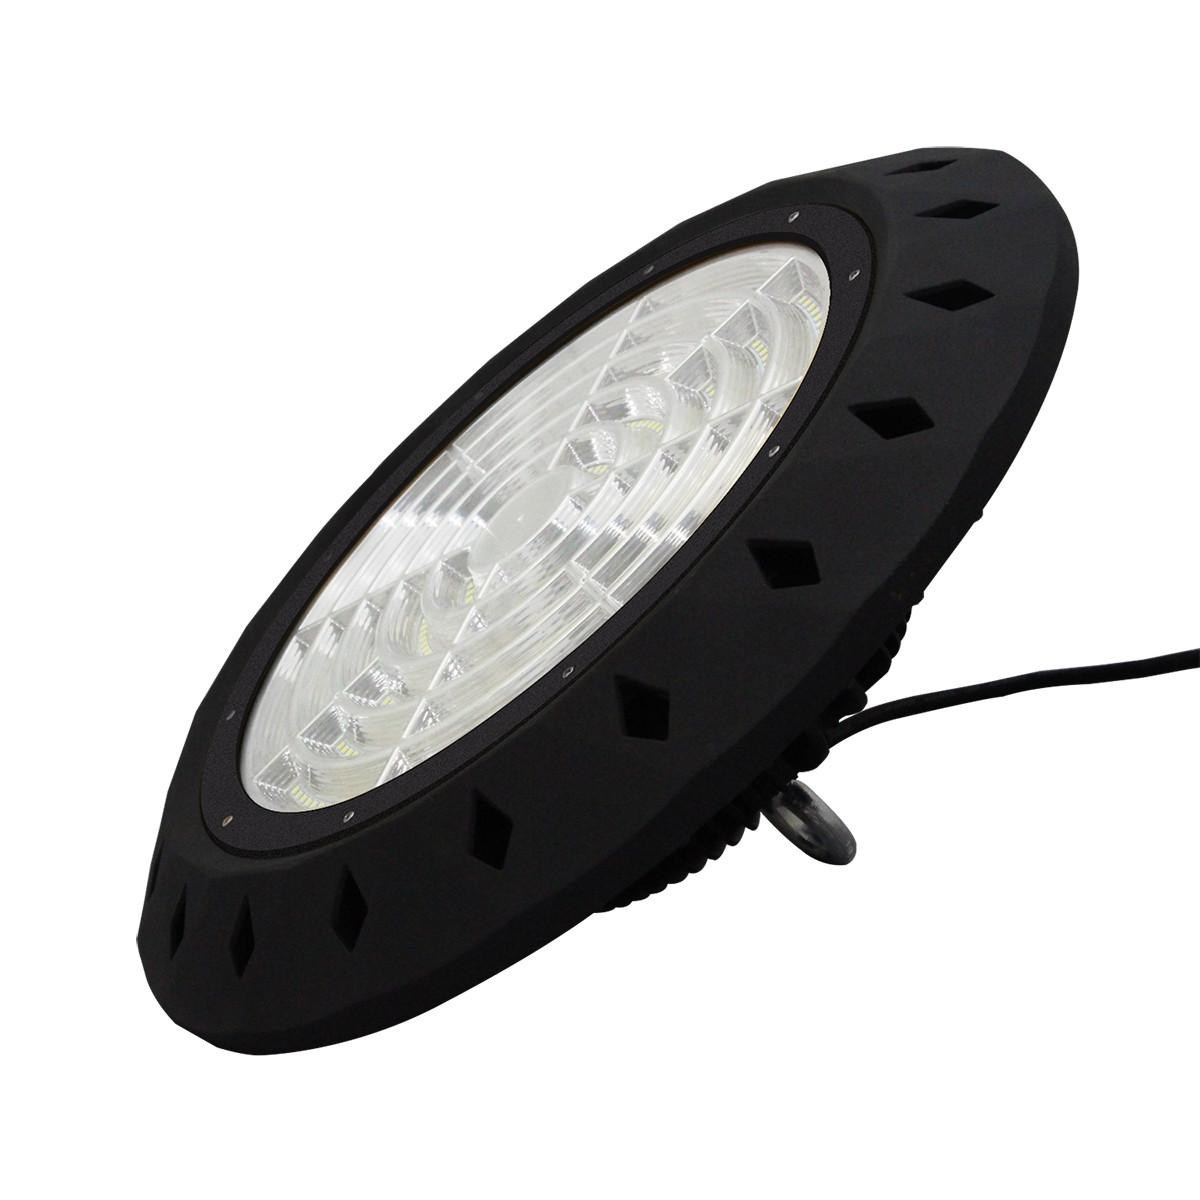 LED UFO High Bay 200W - Aigi - MEAN WELL Driver - Magazijnverlichting - Waterdicht IP65 - Helder/Kou